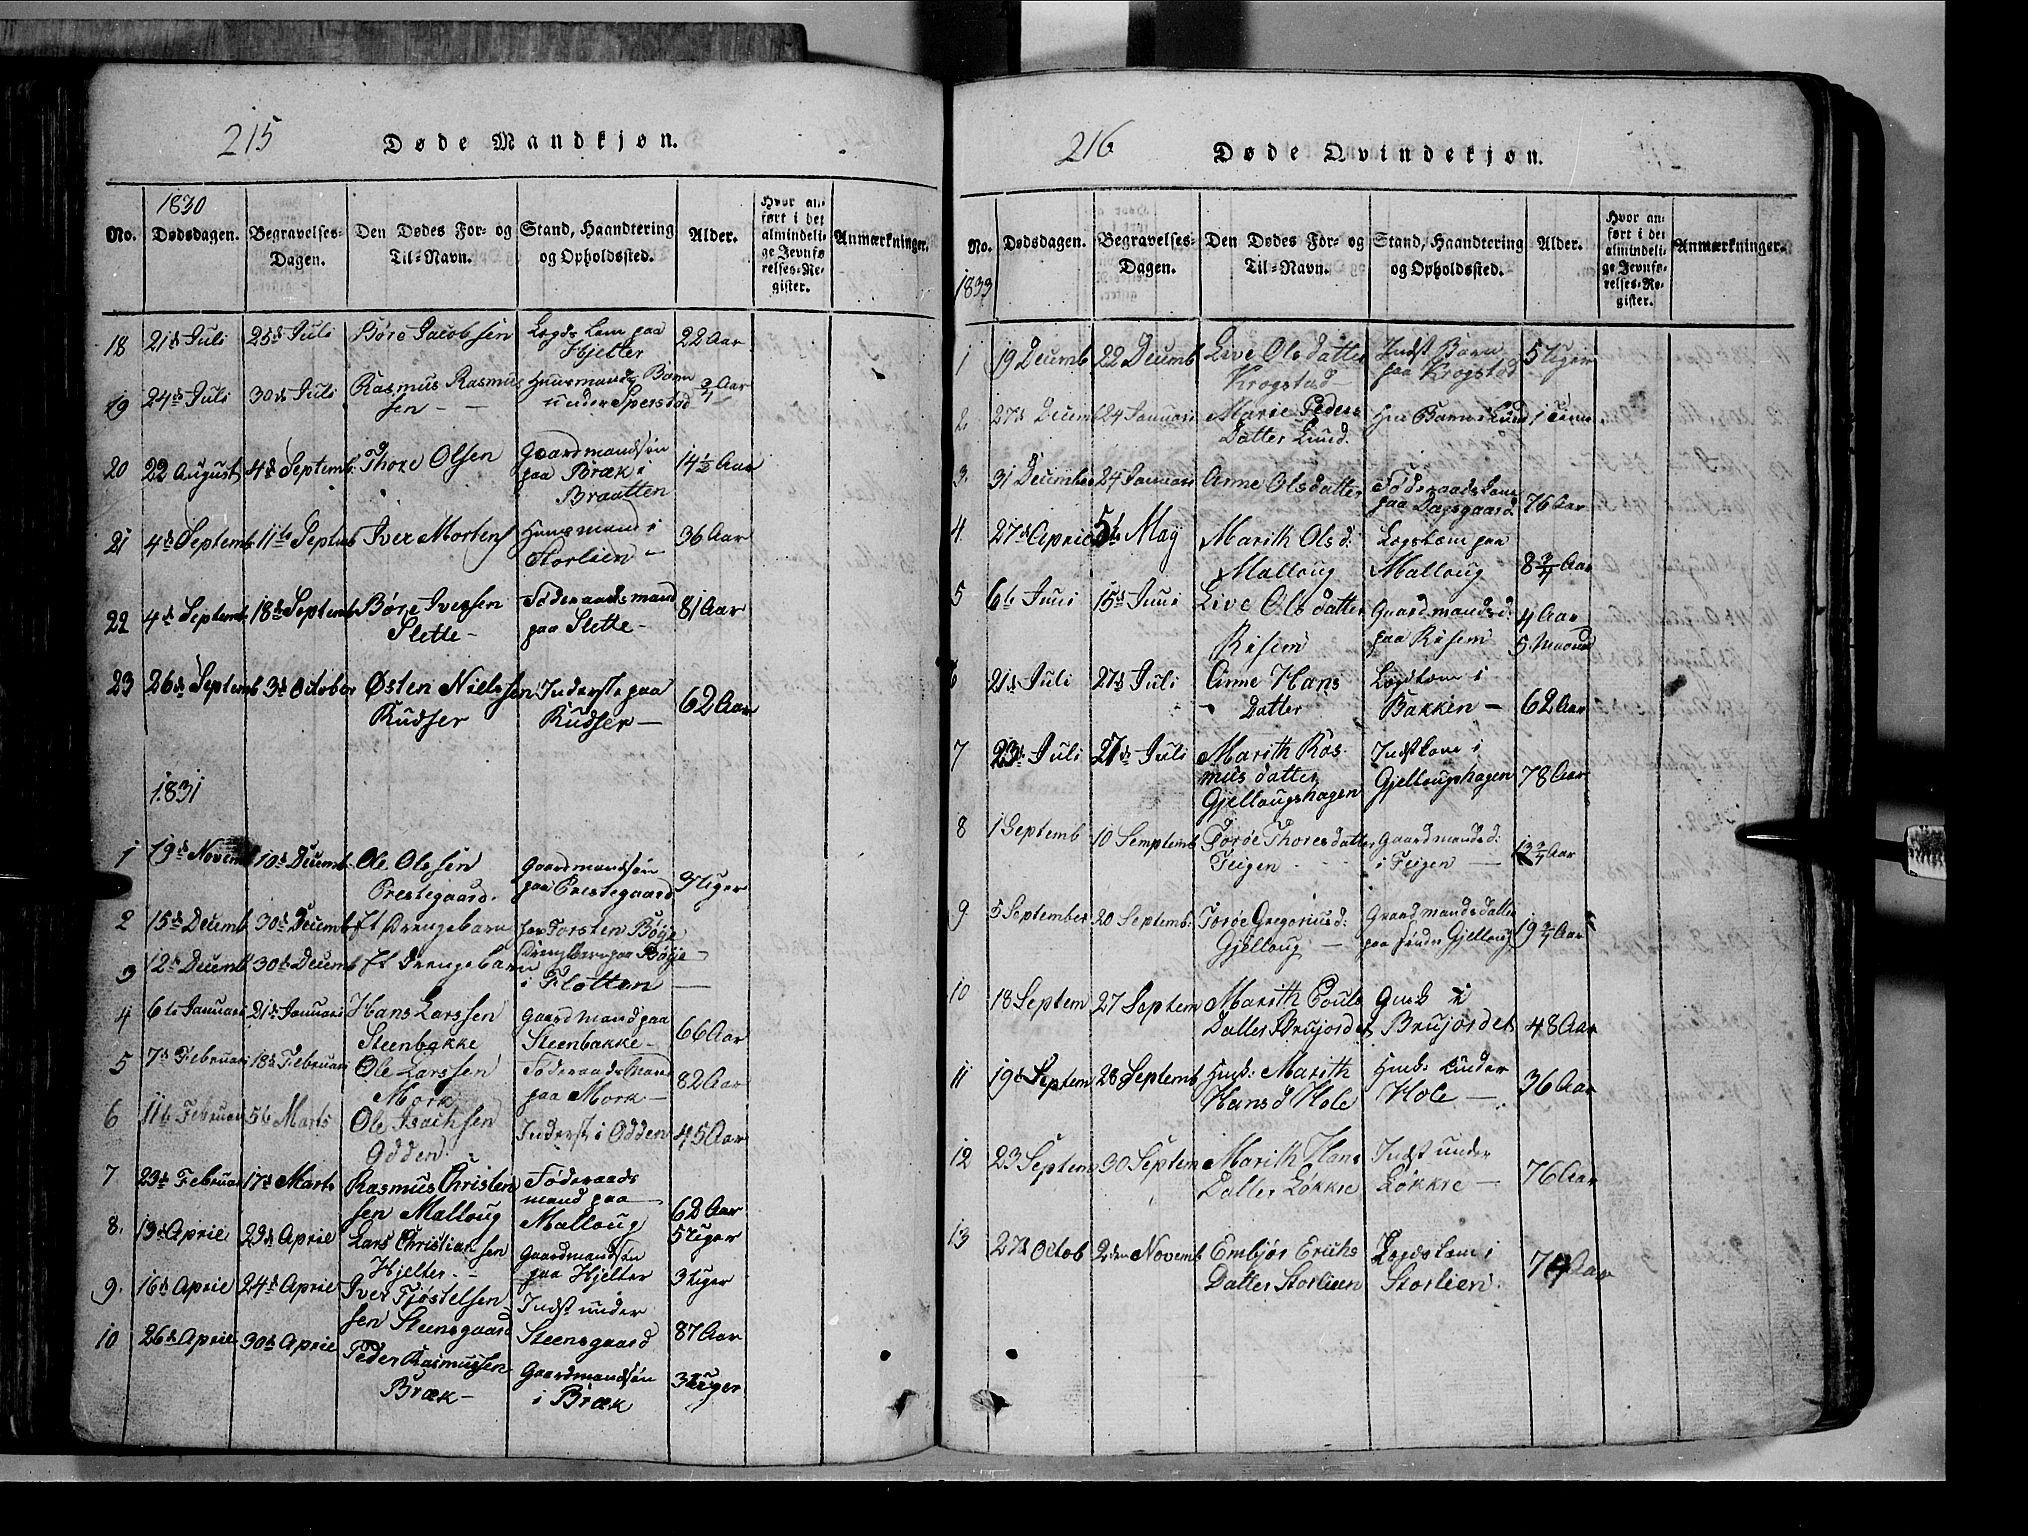 SAH, Lom prestekontor, L/L0003: Klokkerbok nr. 3, 1815-1844, s. 215-216